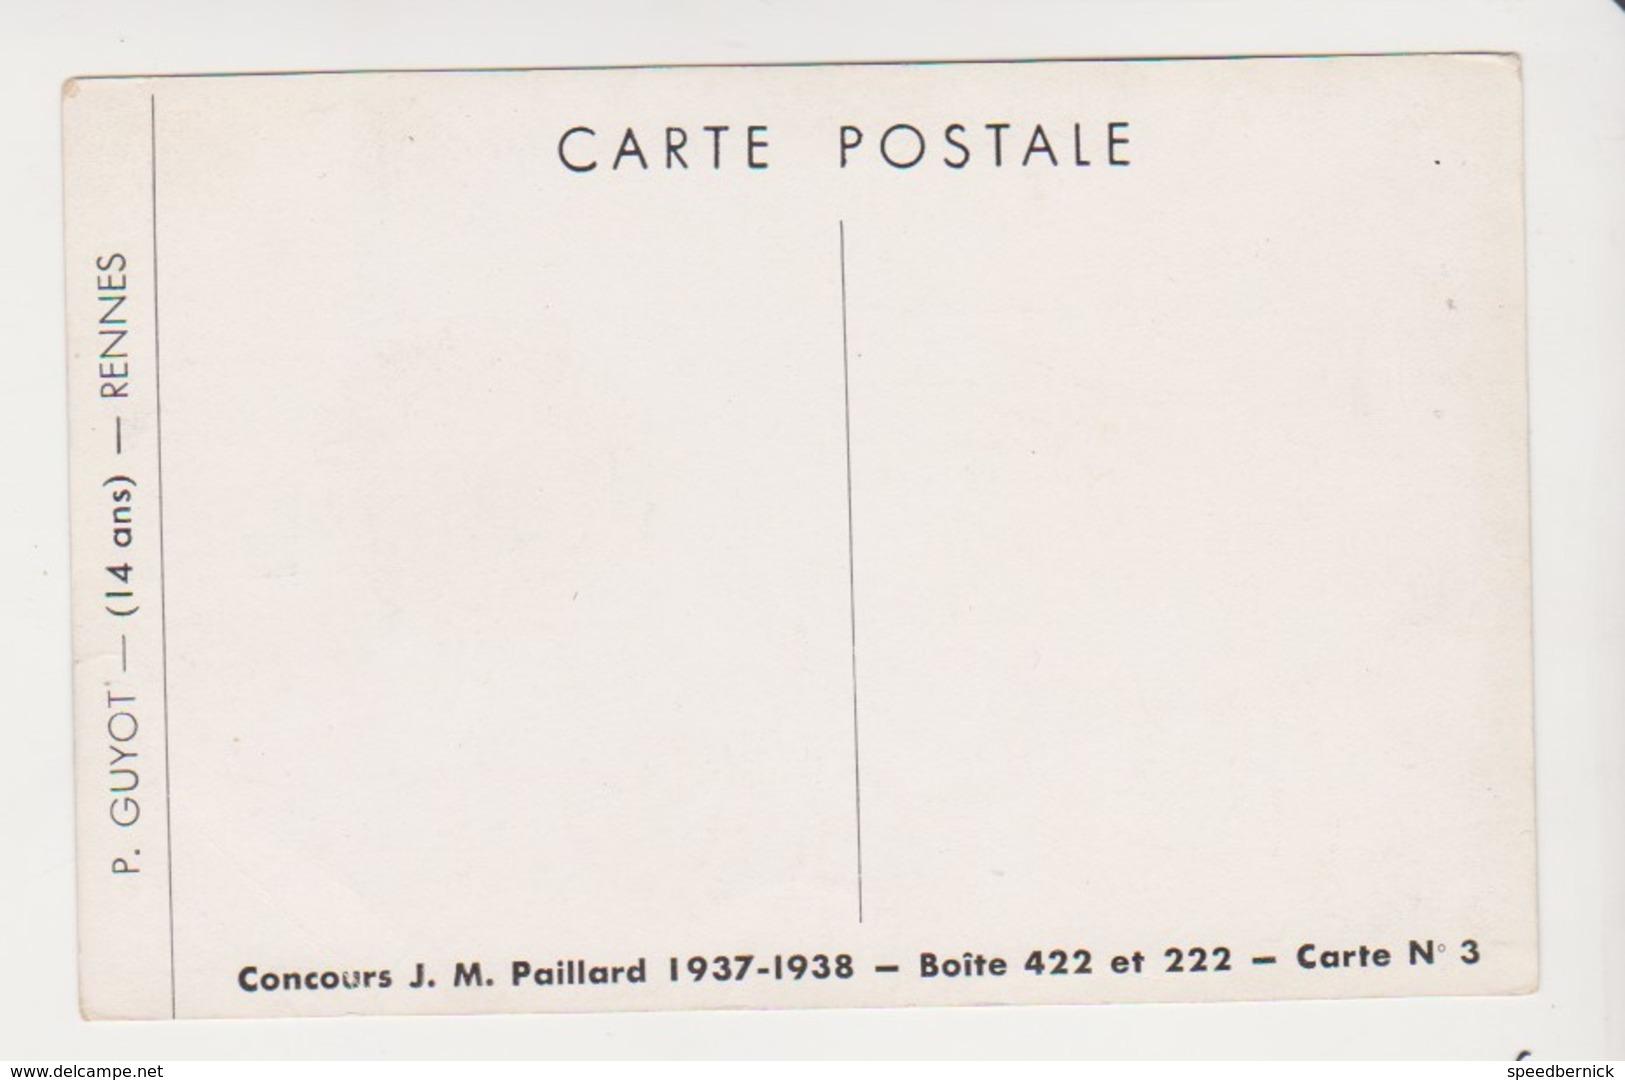 26657 Rennes 35 France CONCOURS DESSIN J. M. PAILLARD 1936-37 P. GUYOT 14 Ans Enfant -ed Paillard, N° 3 - Rennes